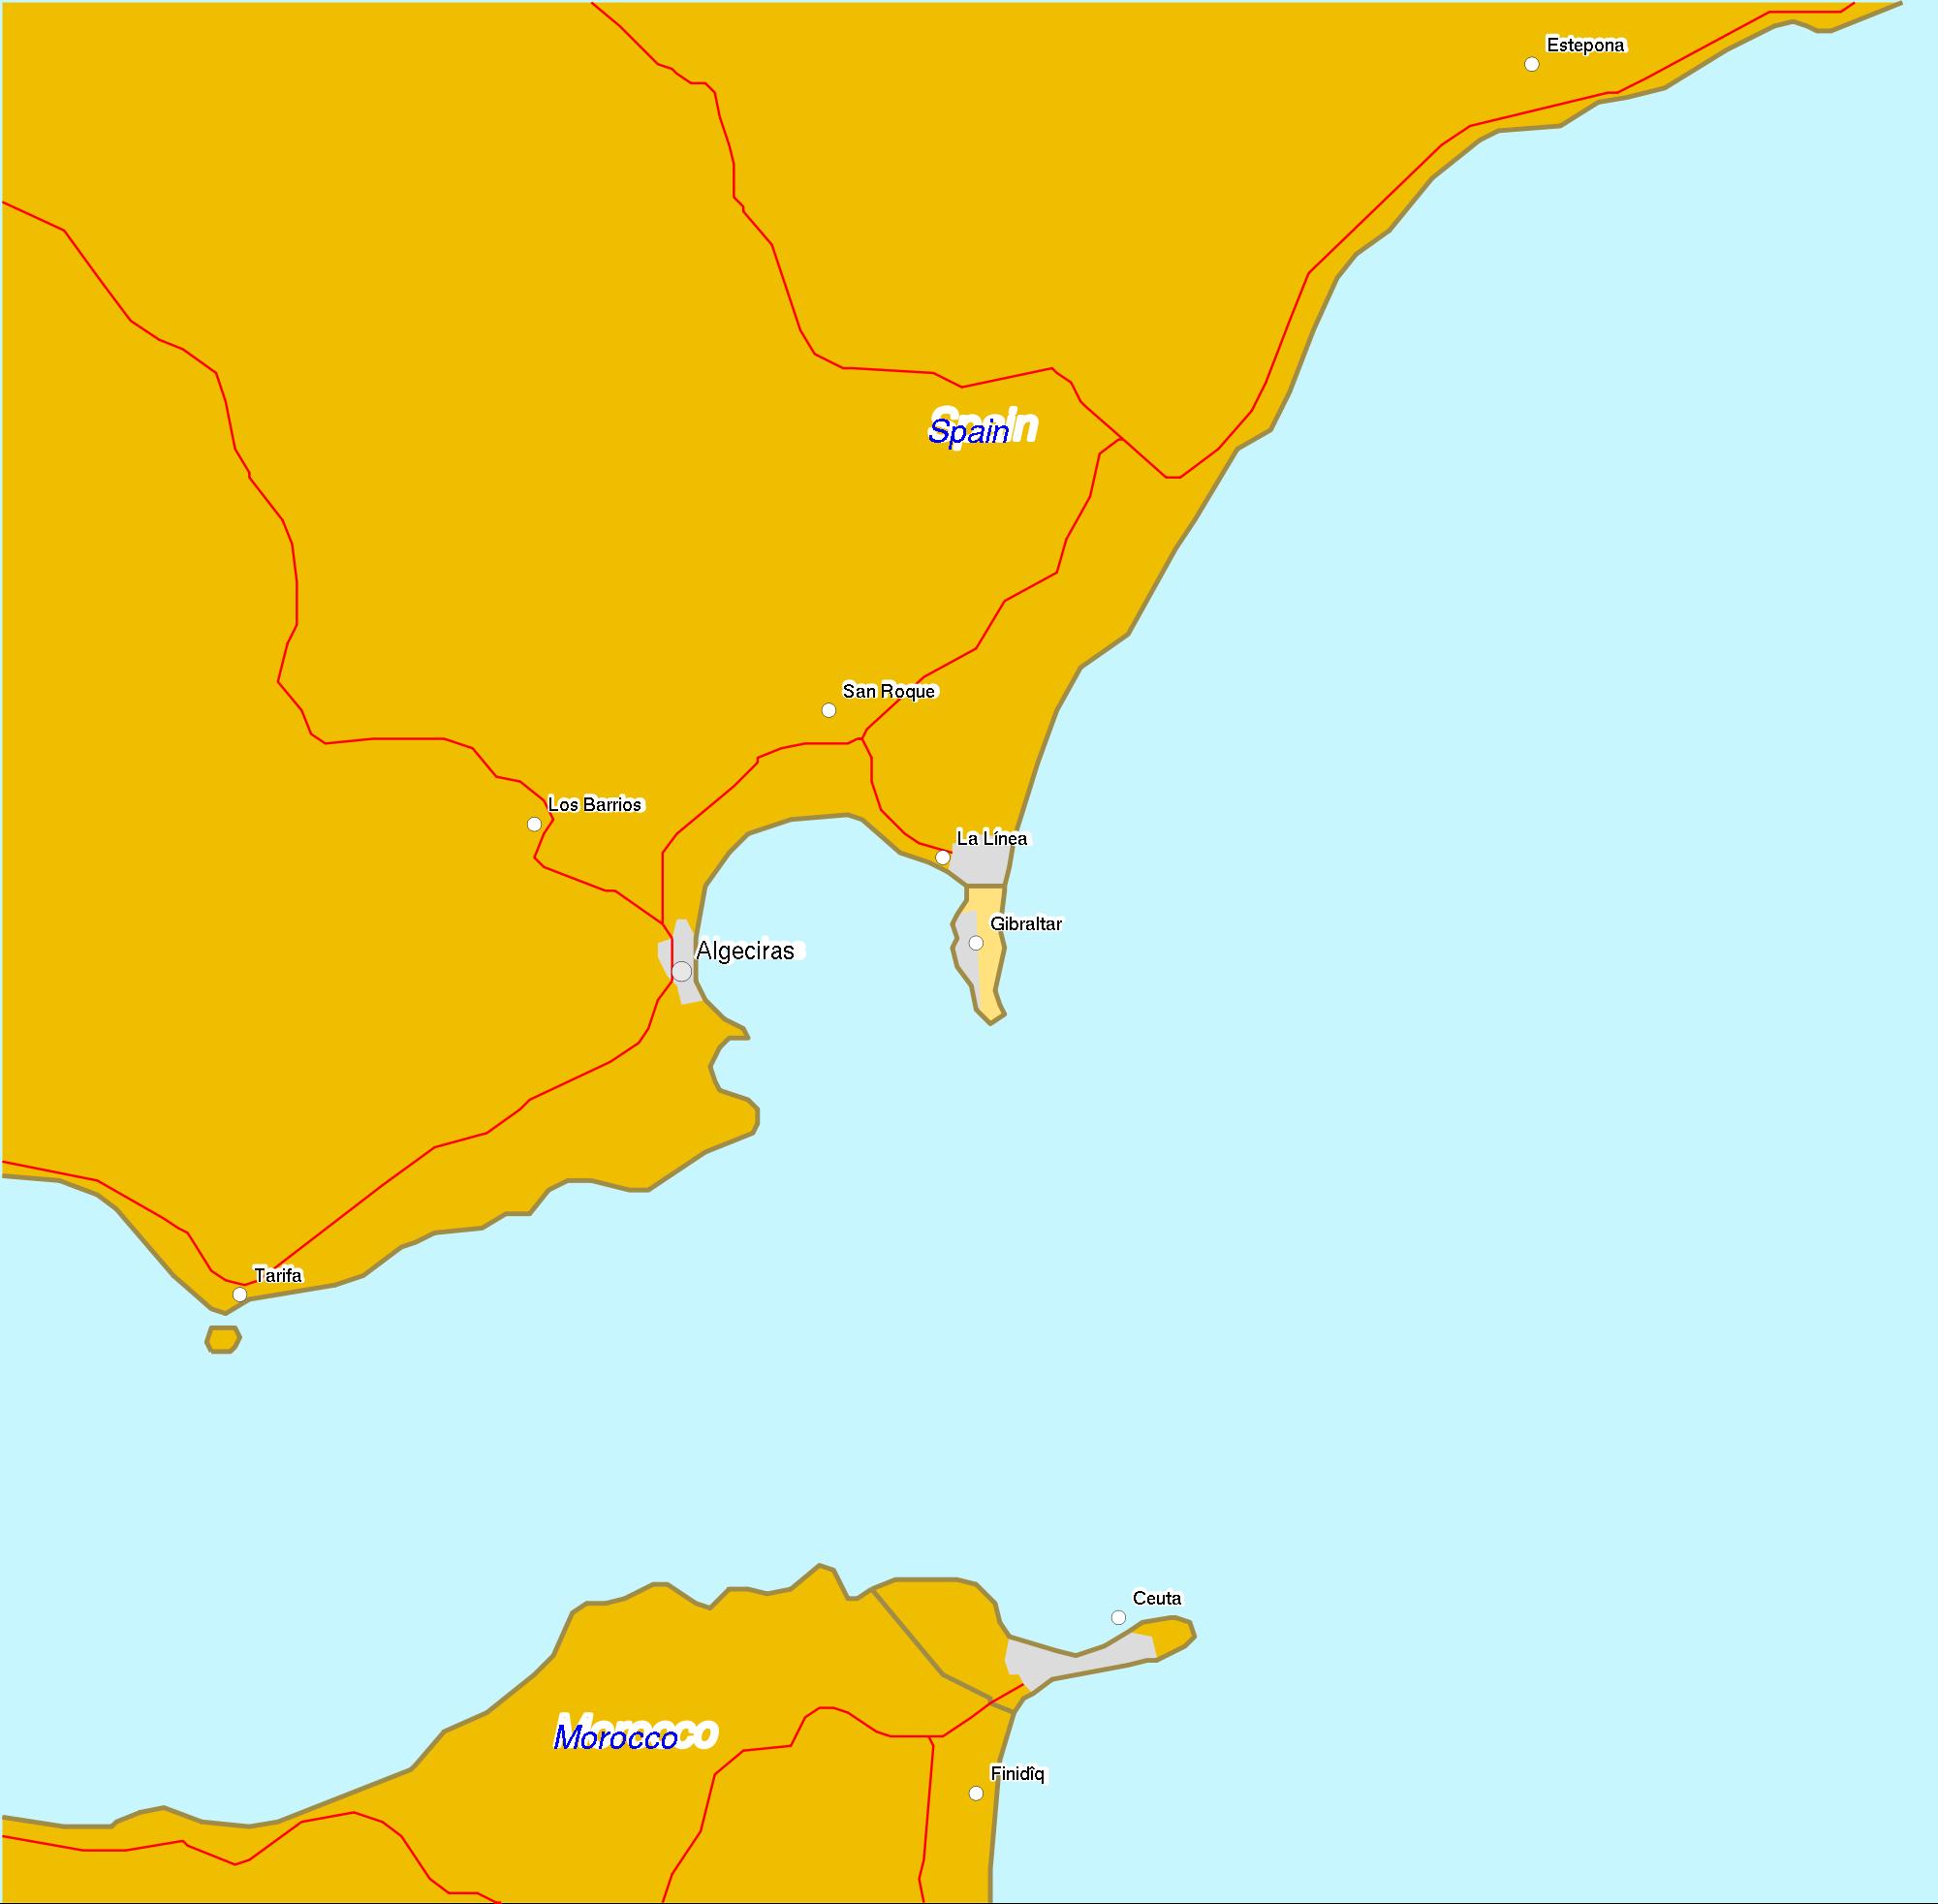 Location of Ceuta 2007